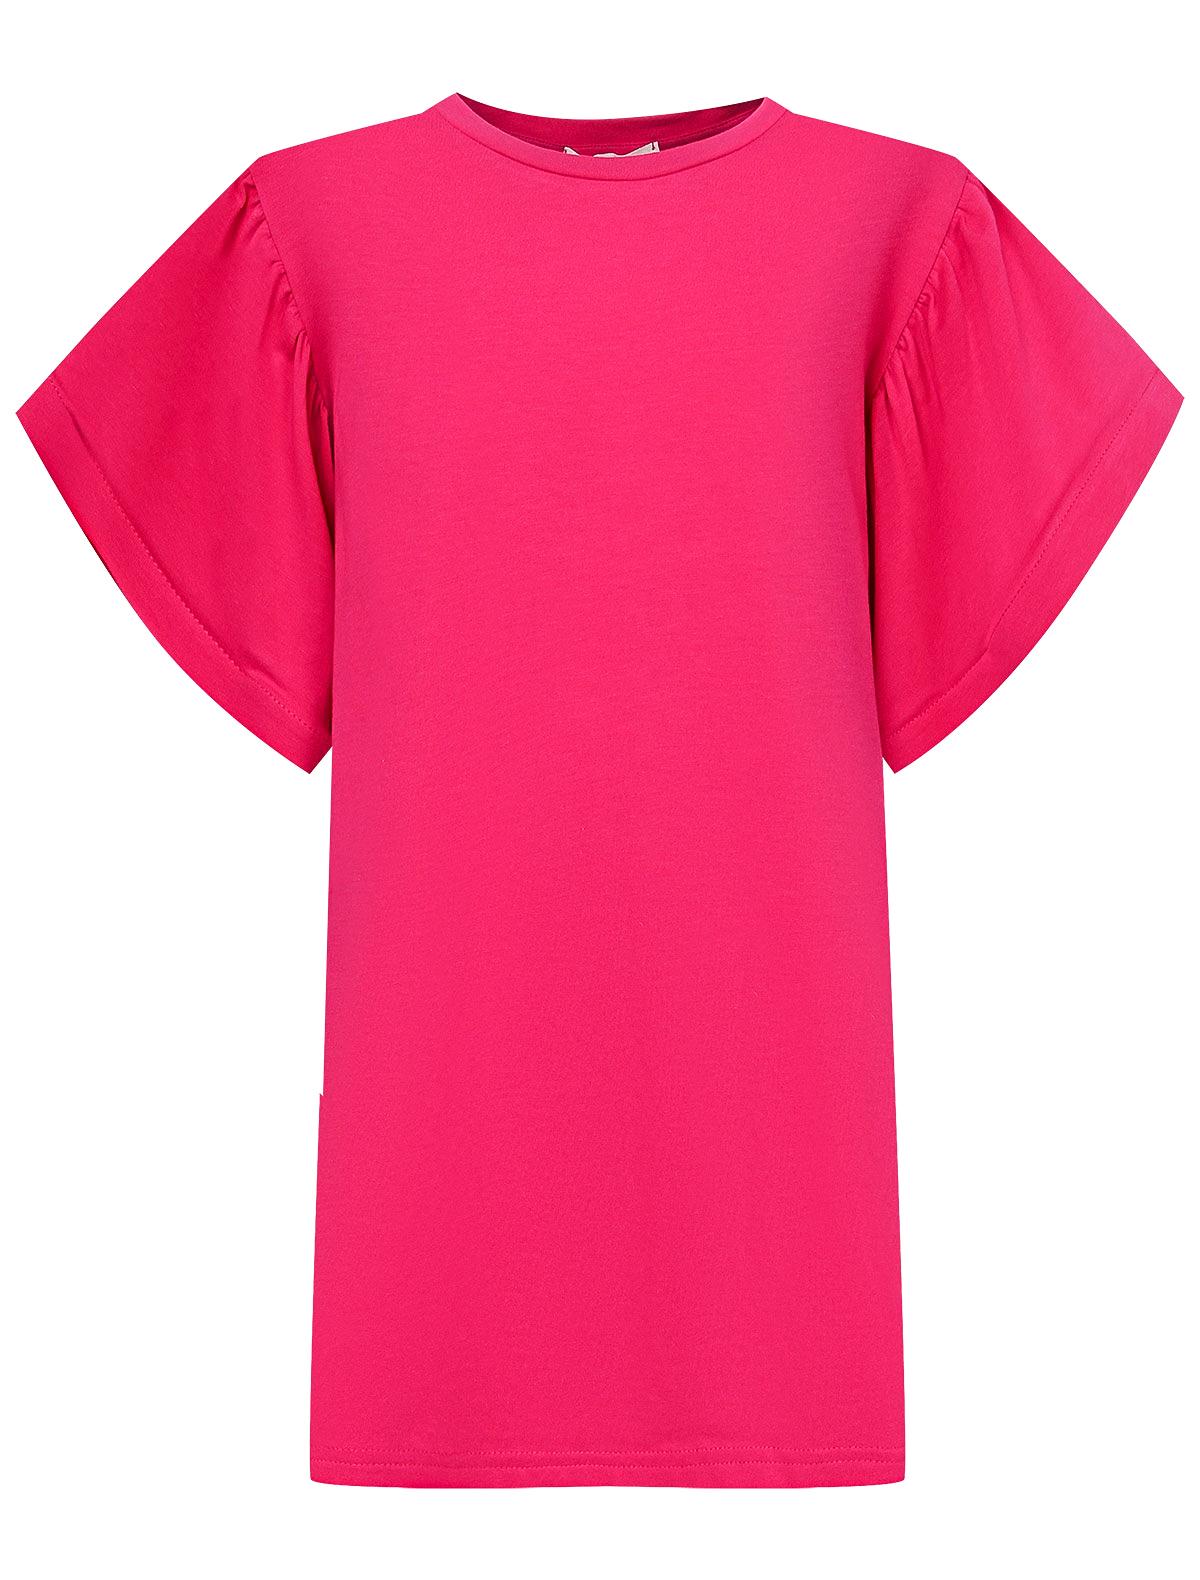 Купить 2203288, Платье Vicolo, розовый, Женский, 1054609072653